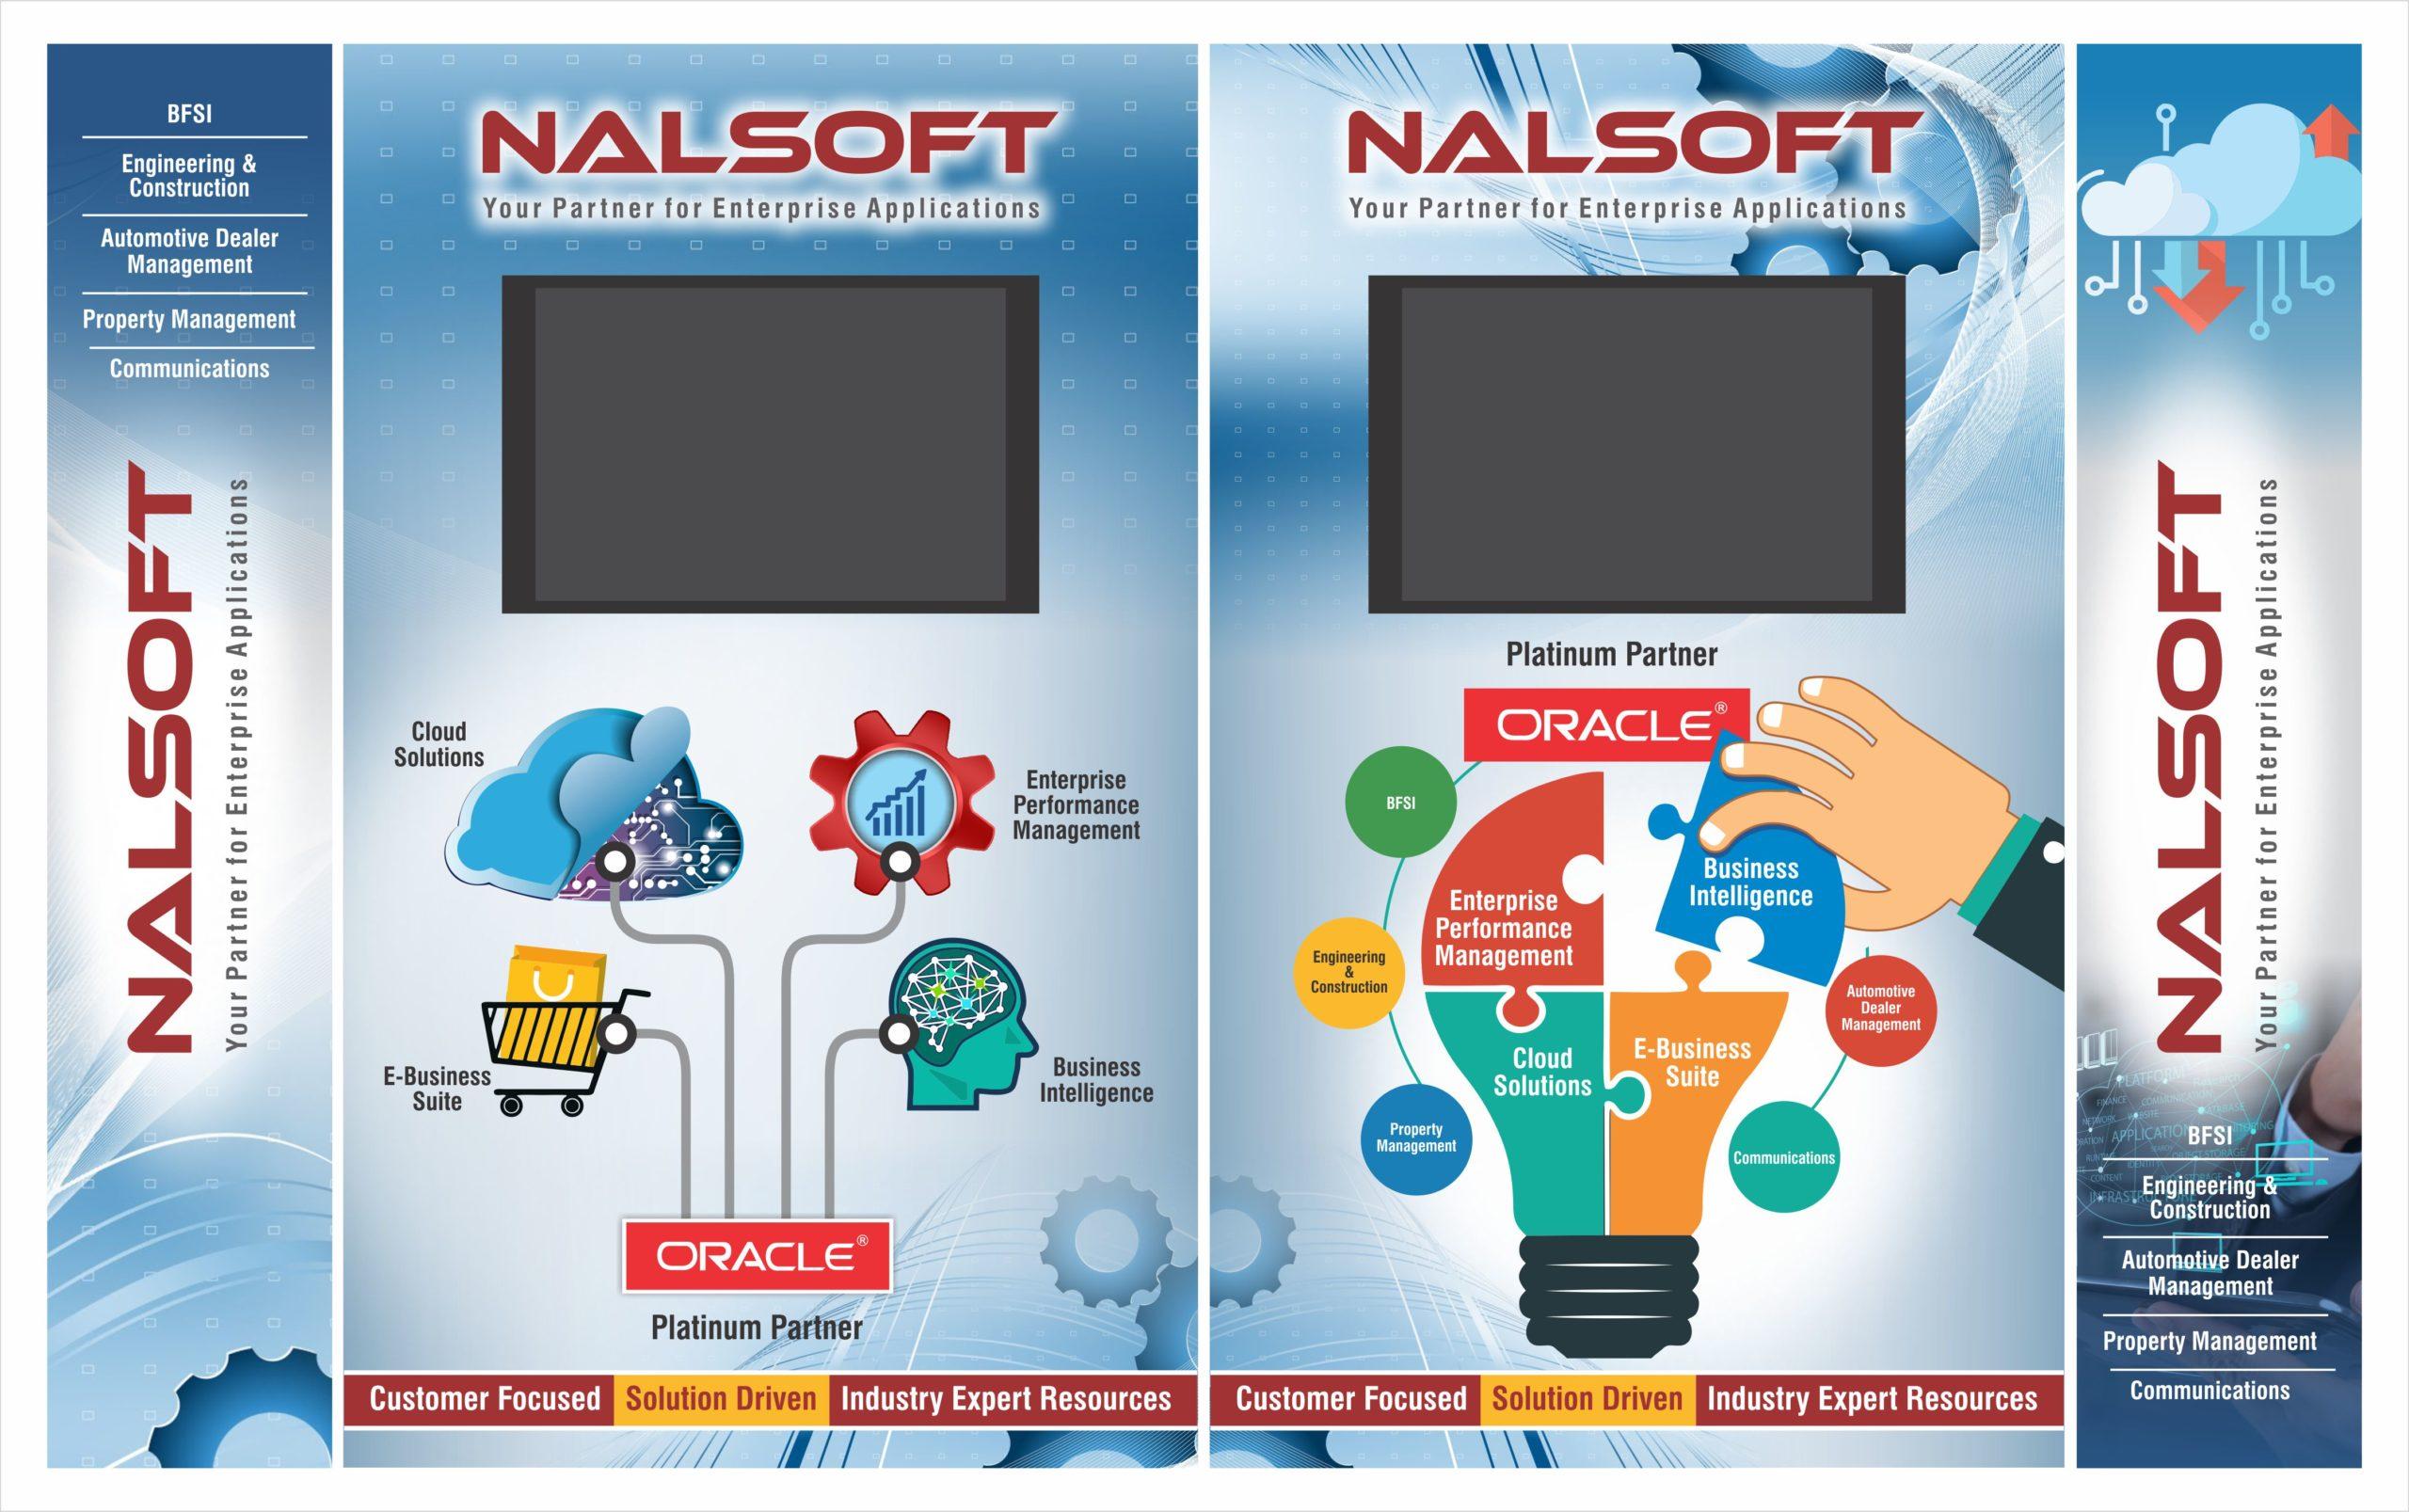 Nalsoft Panels1